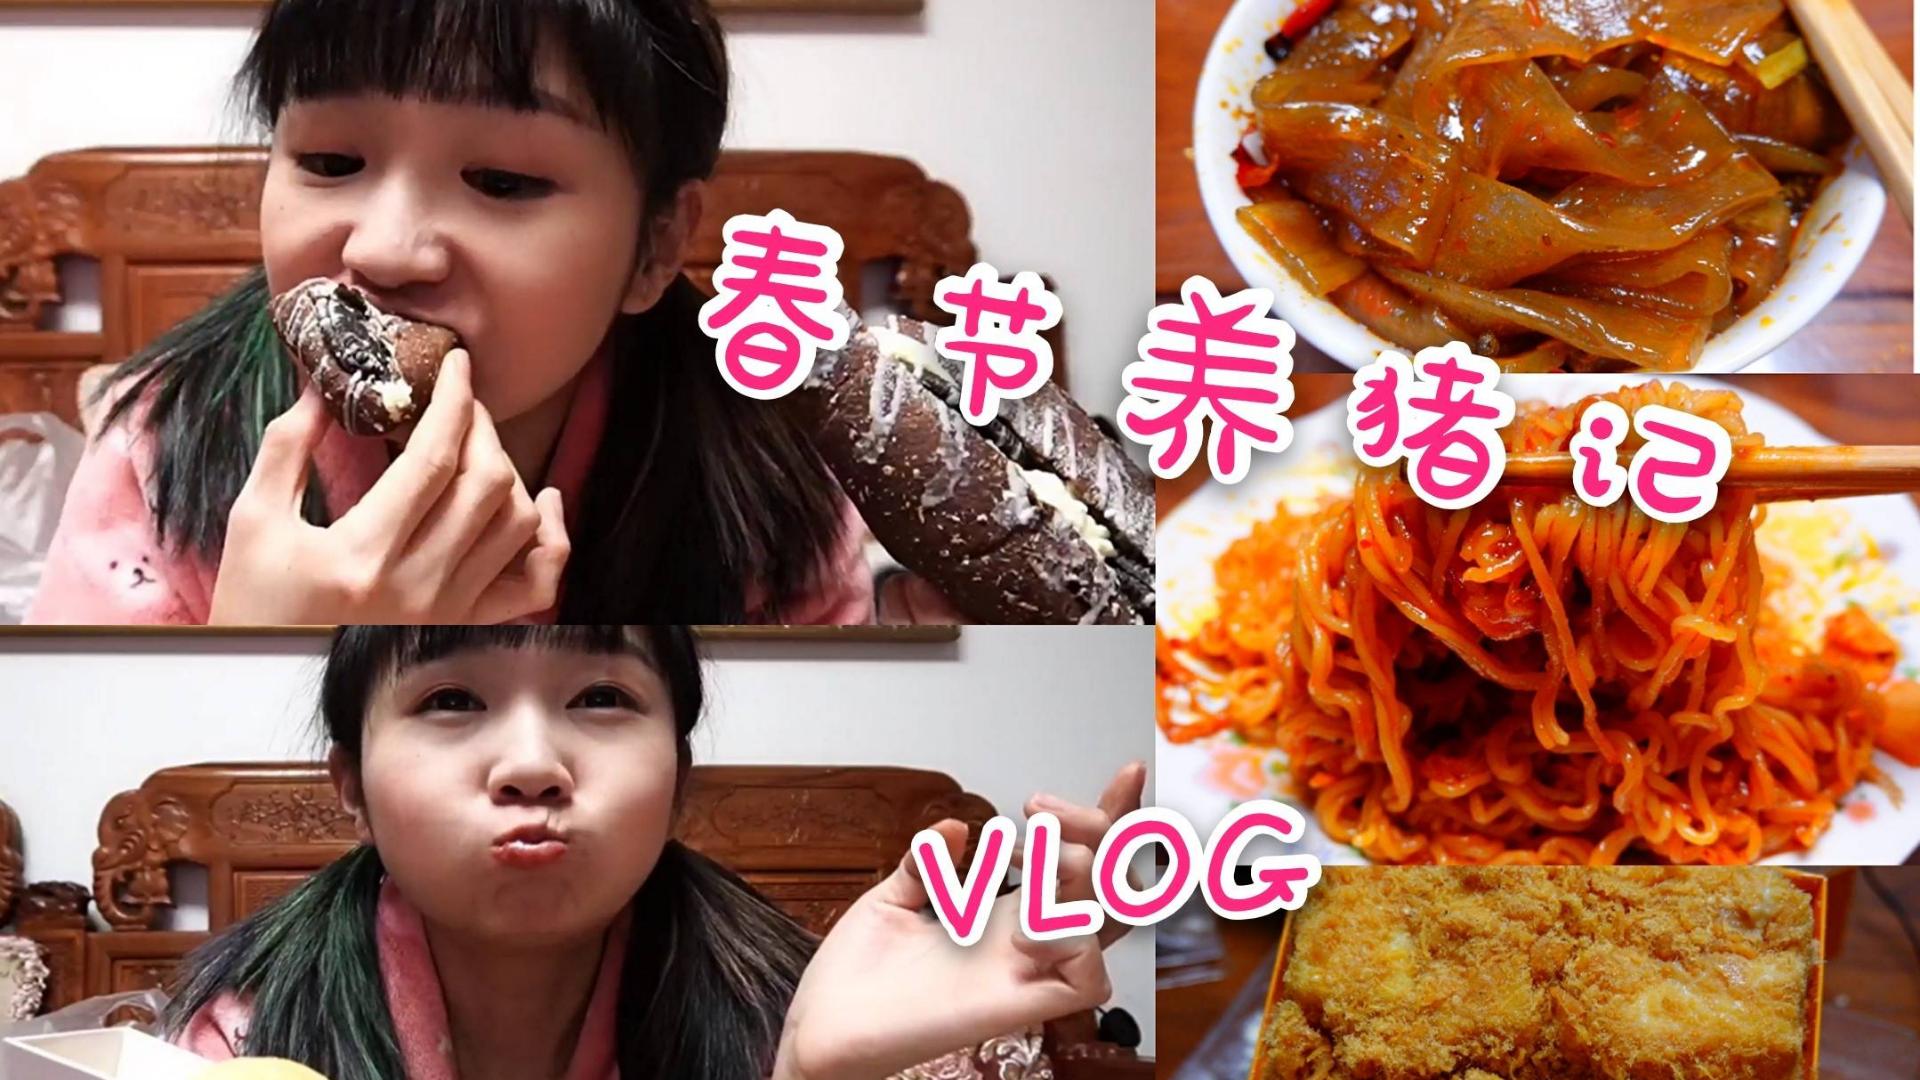 【小猪猪的vlog】勤洗手多通风少出门!炒个菜、吃点零食也不错